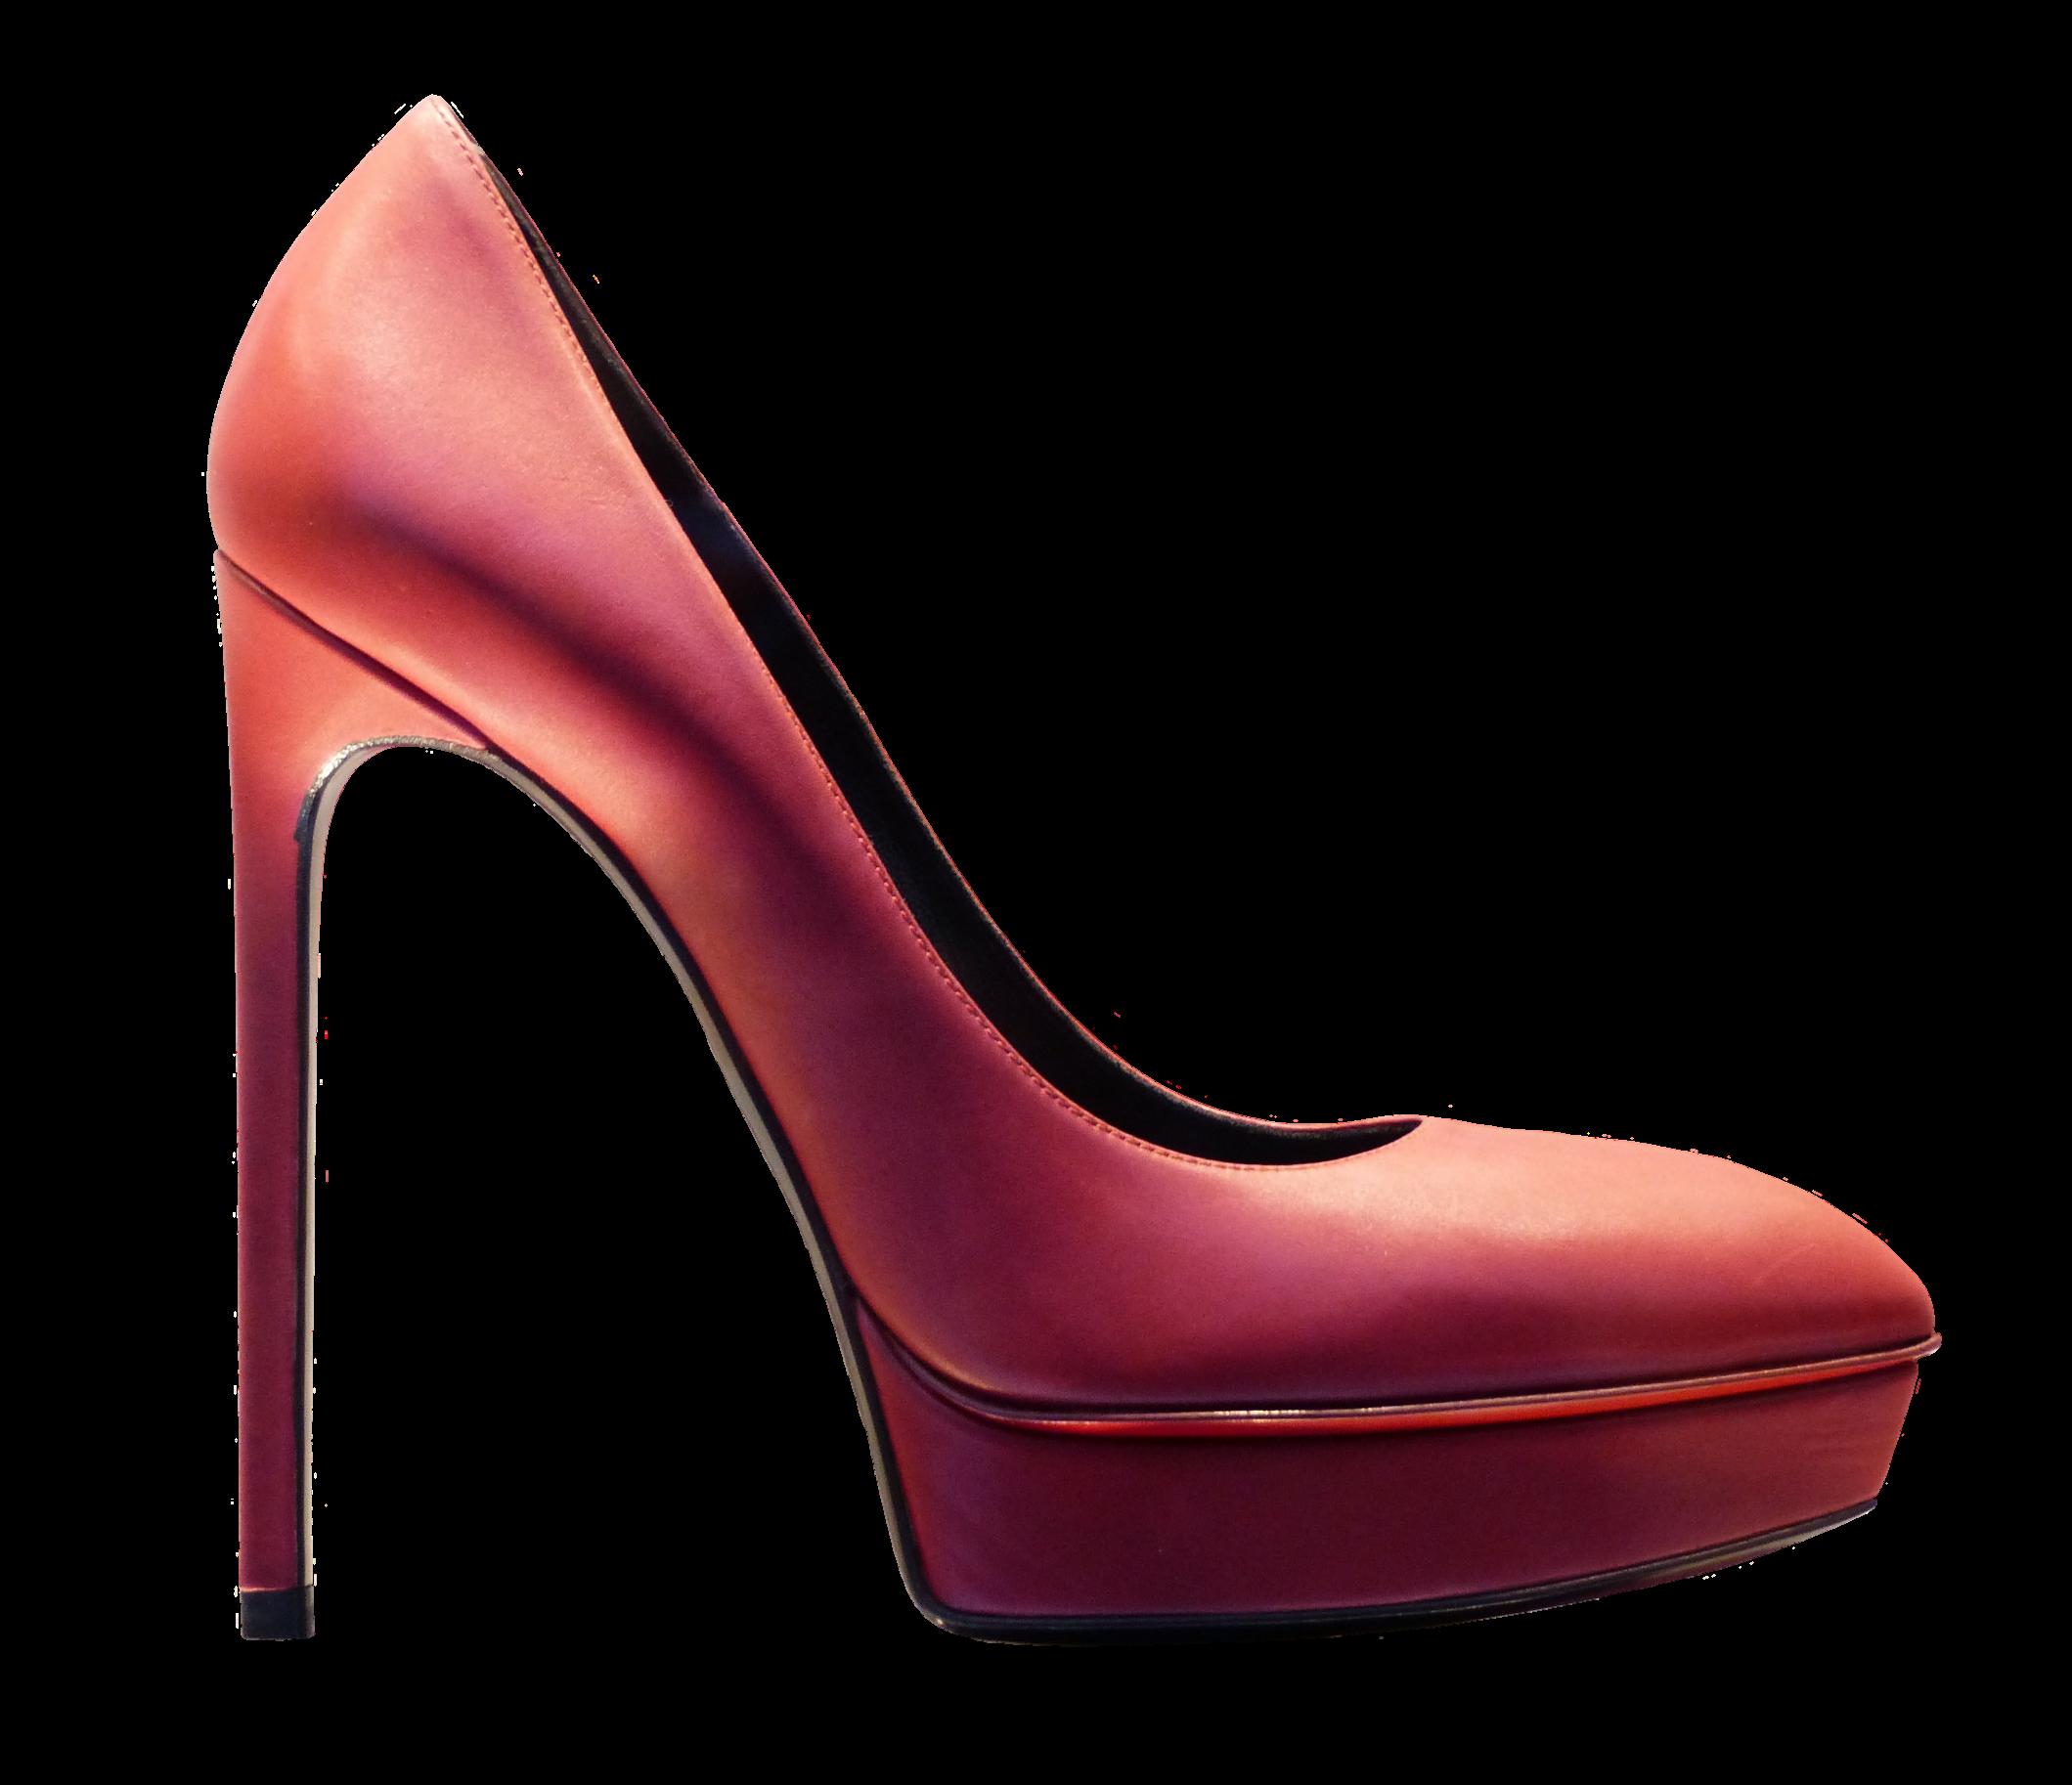 High Heels Shoe PNG Image